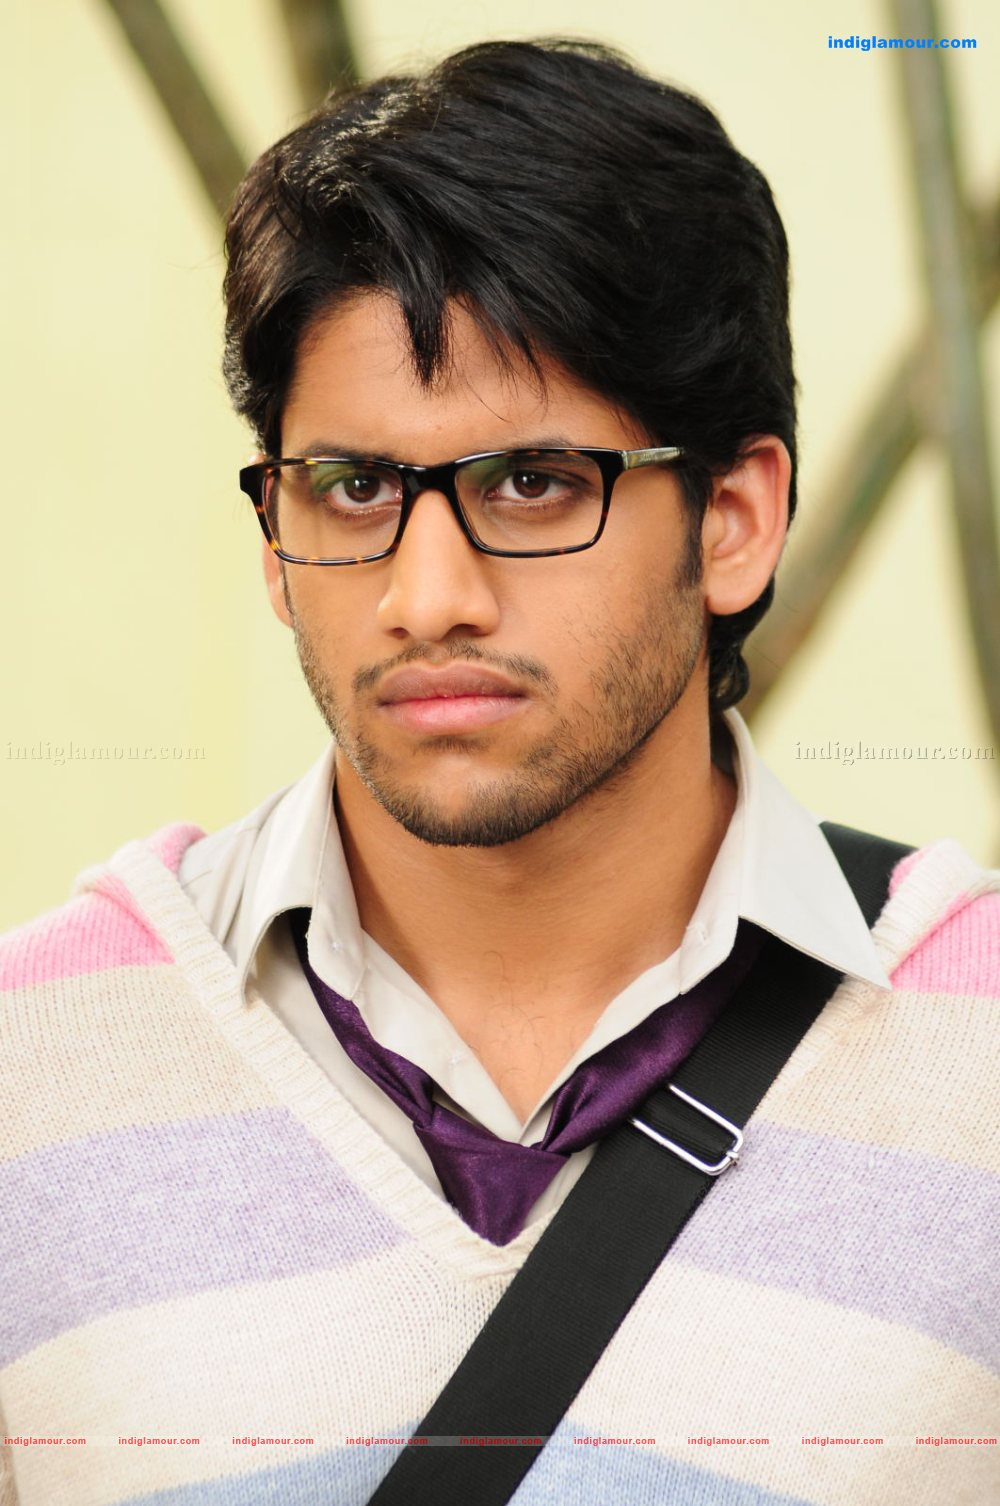 Telugu Actors Hd Wallpapers Download Vinnyoleo Vegetalinfo